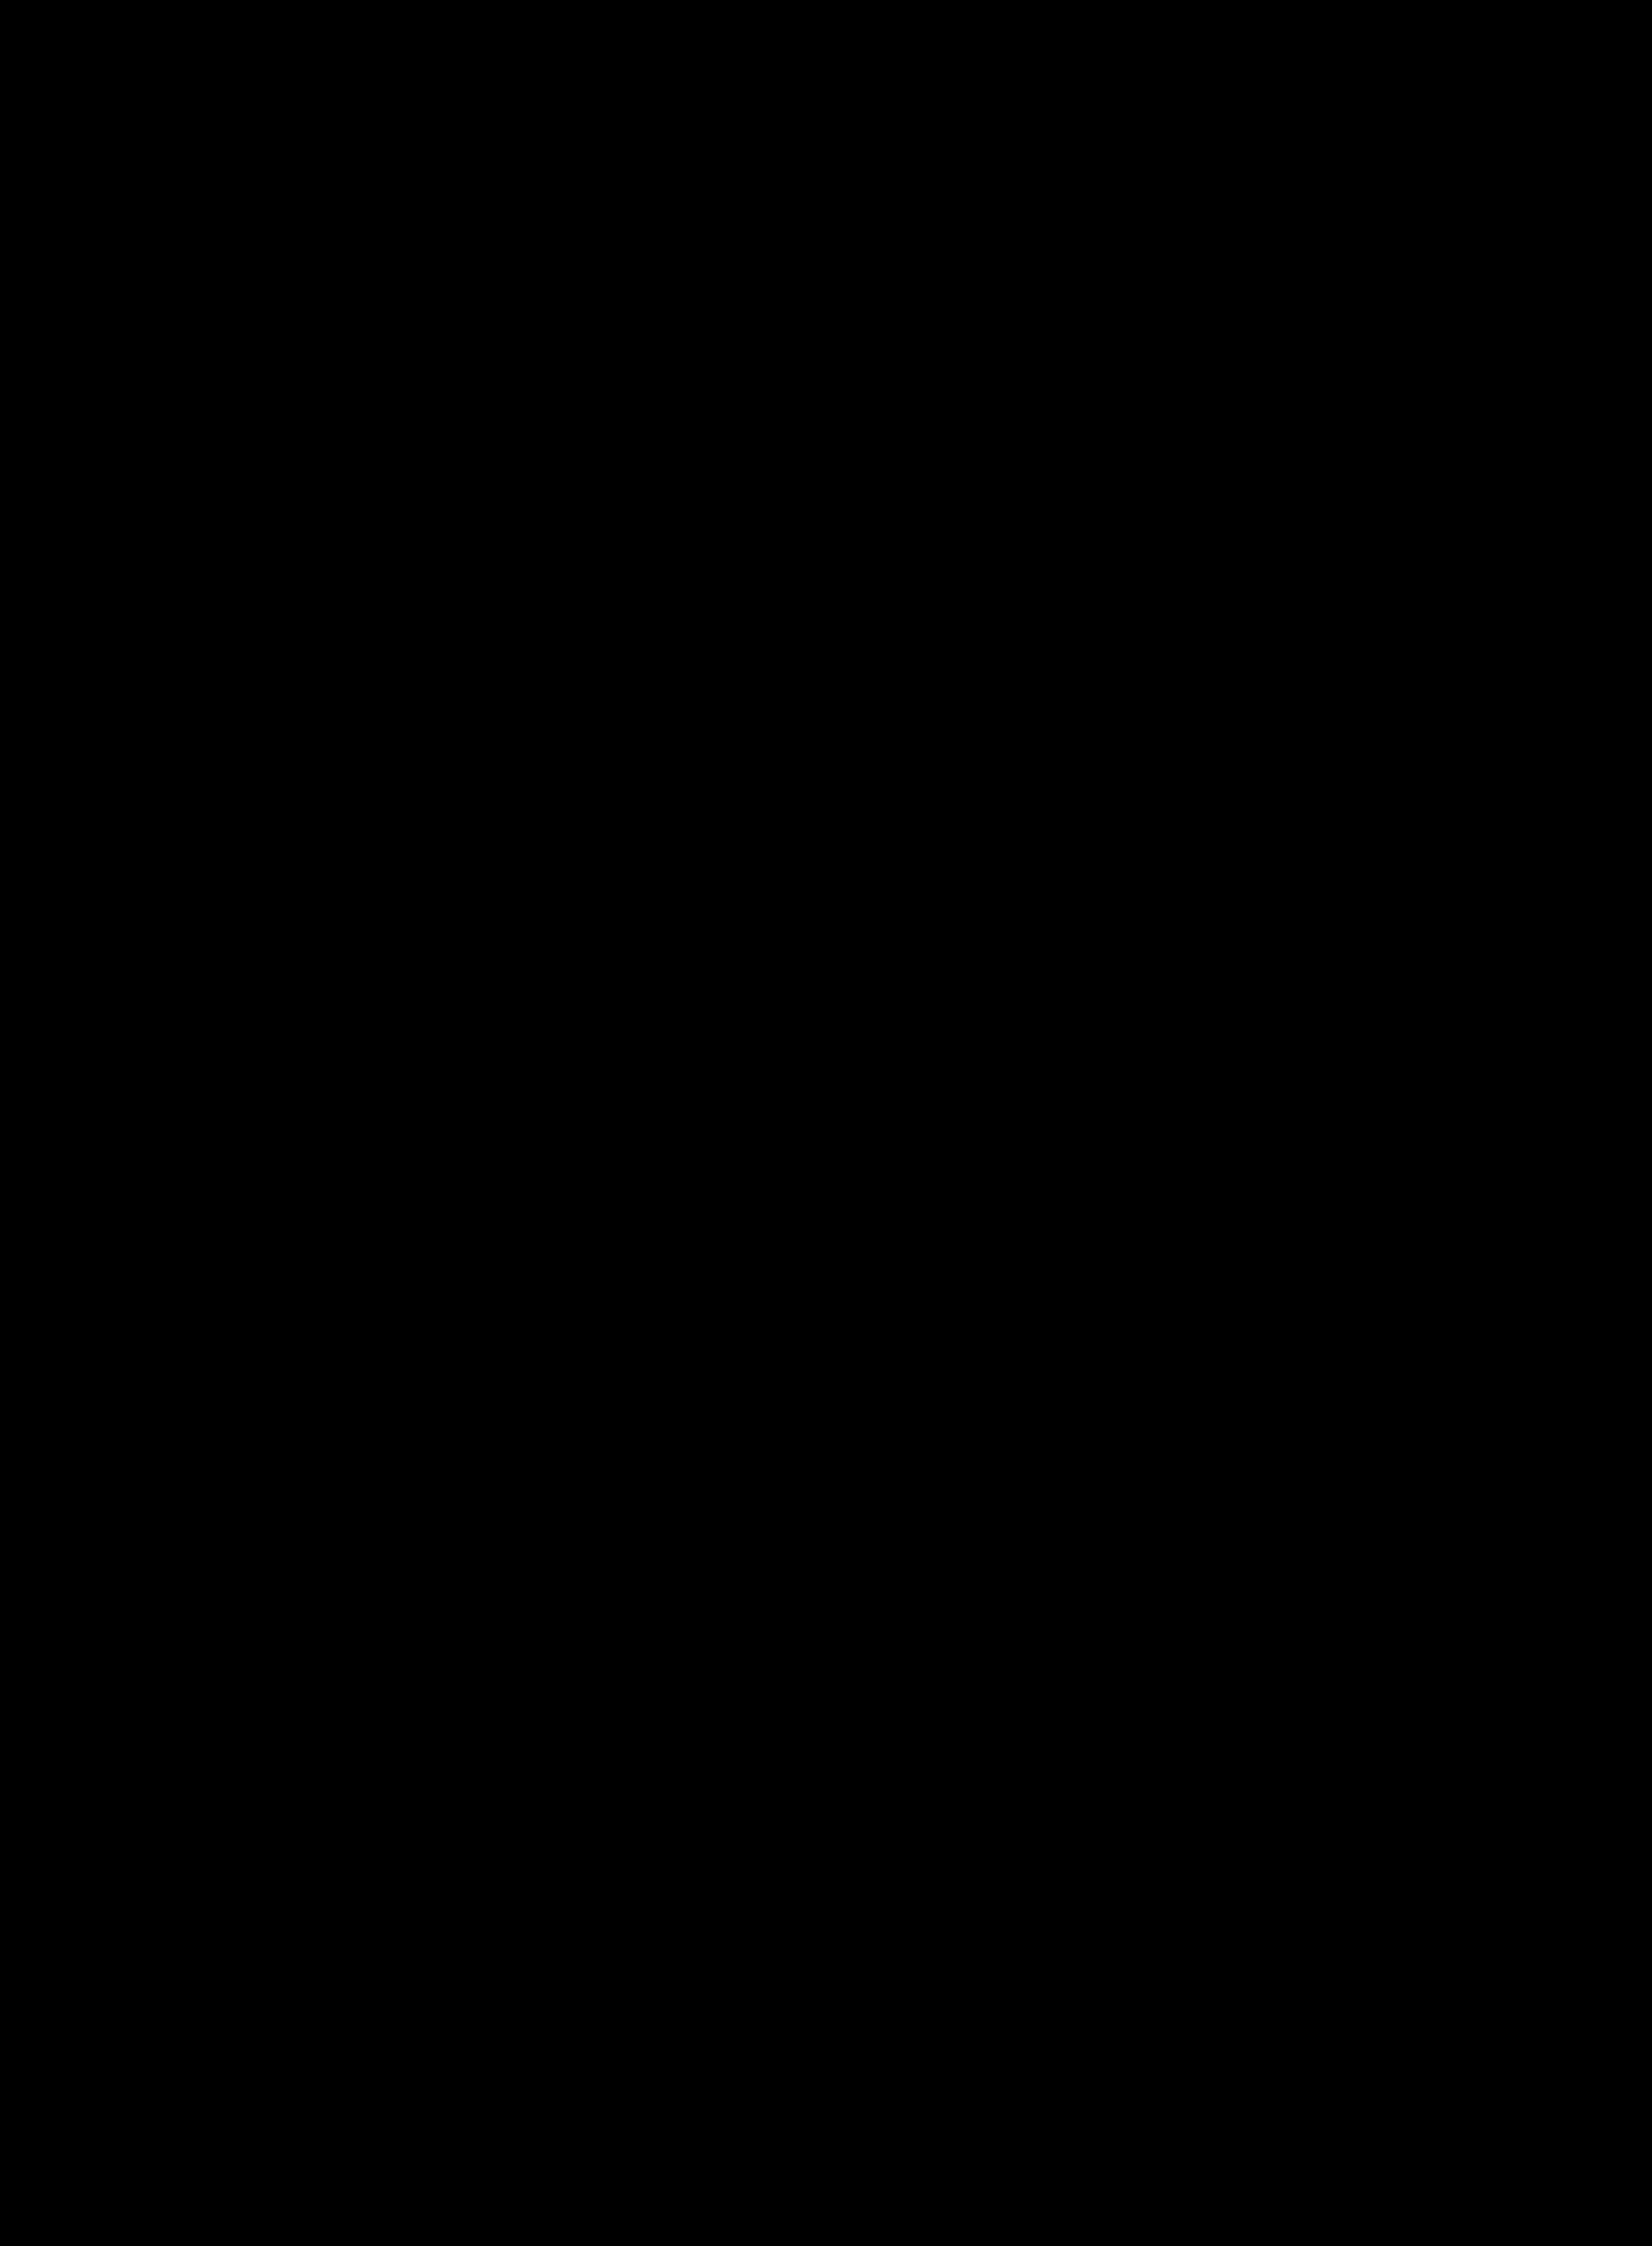 frank-ocean-cover-gq-february-2019.jpg